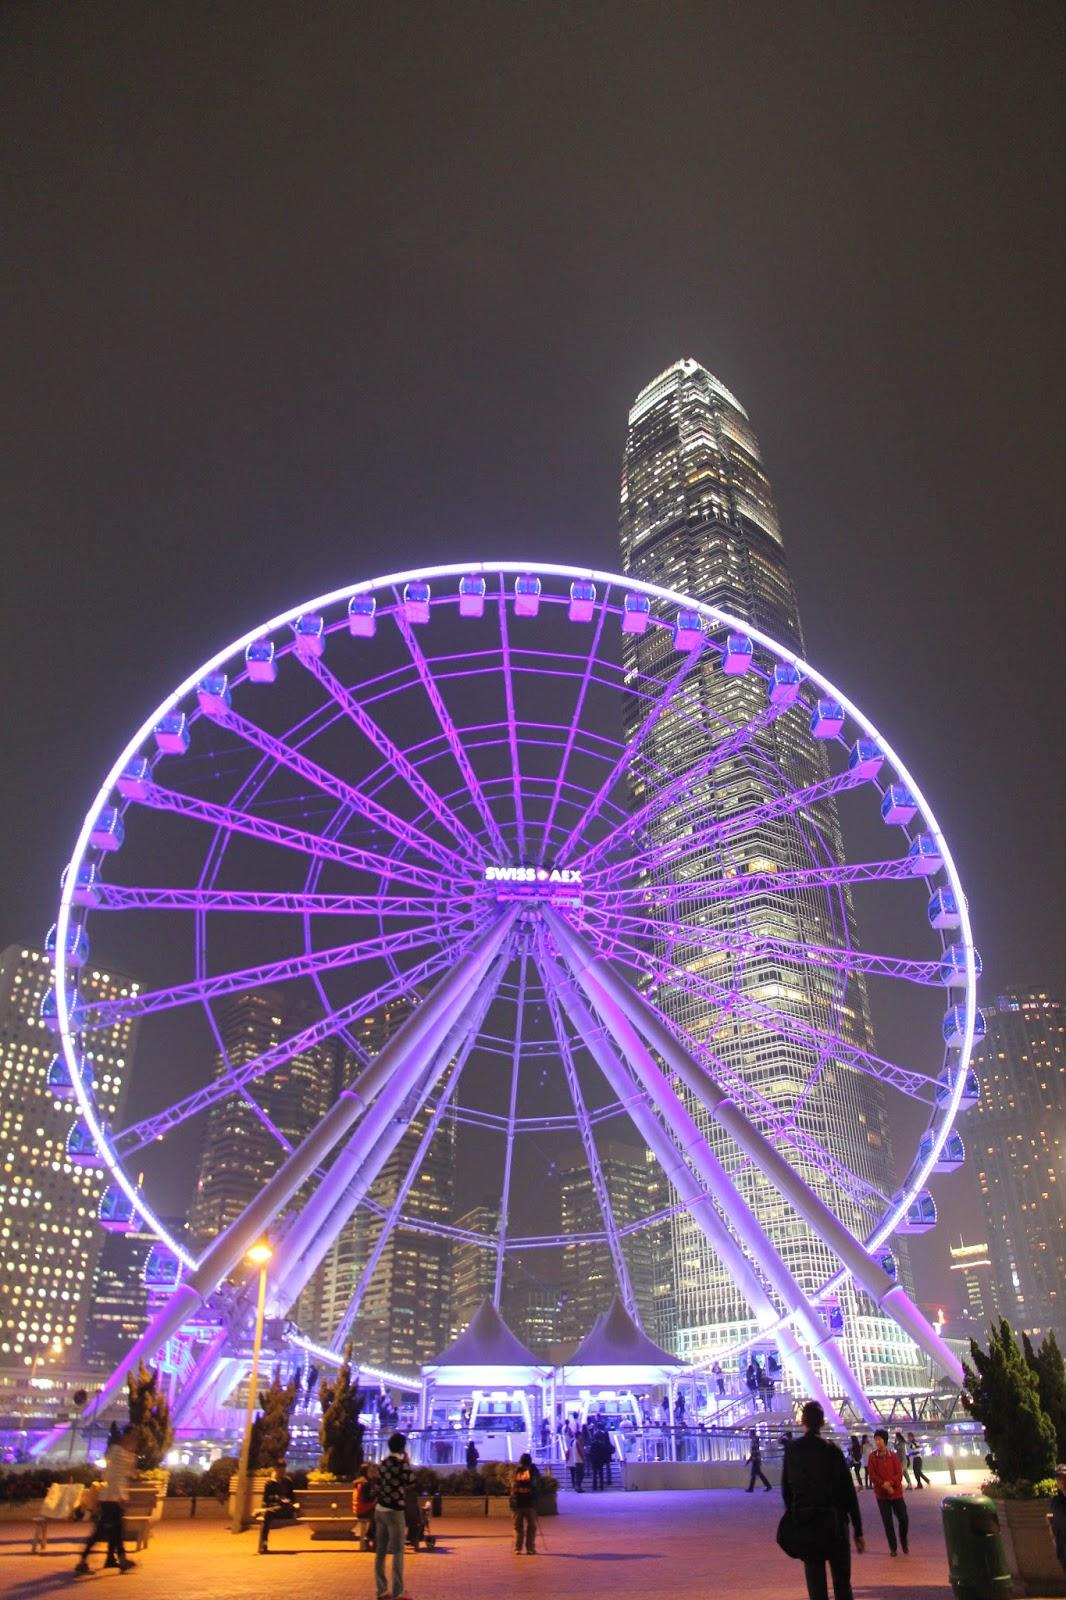 中環海濱摩天輪 - 中環特色景點 ,觀光好去處The Hong Kong Observation Wheel @ Hello Tasha :: 痞客邦 PIXNET